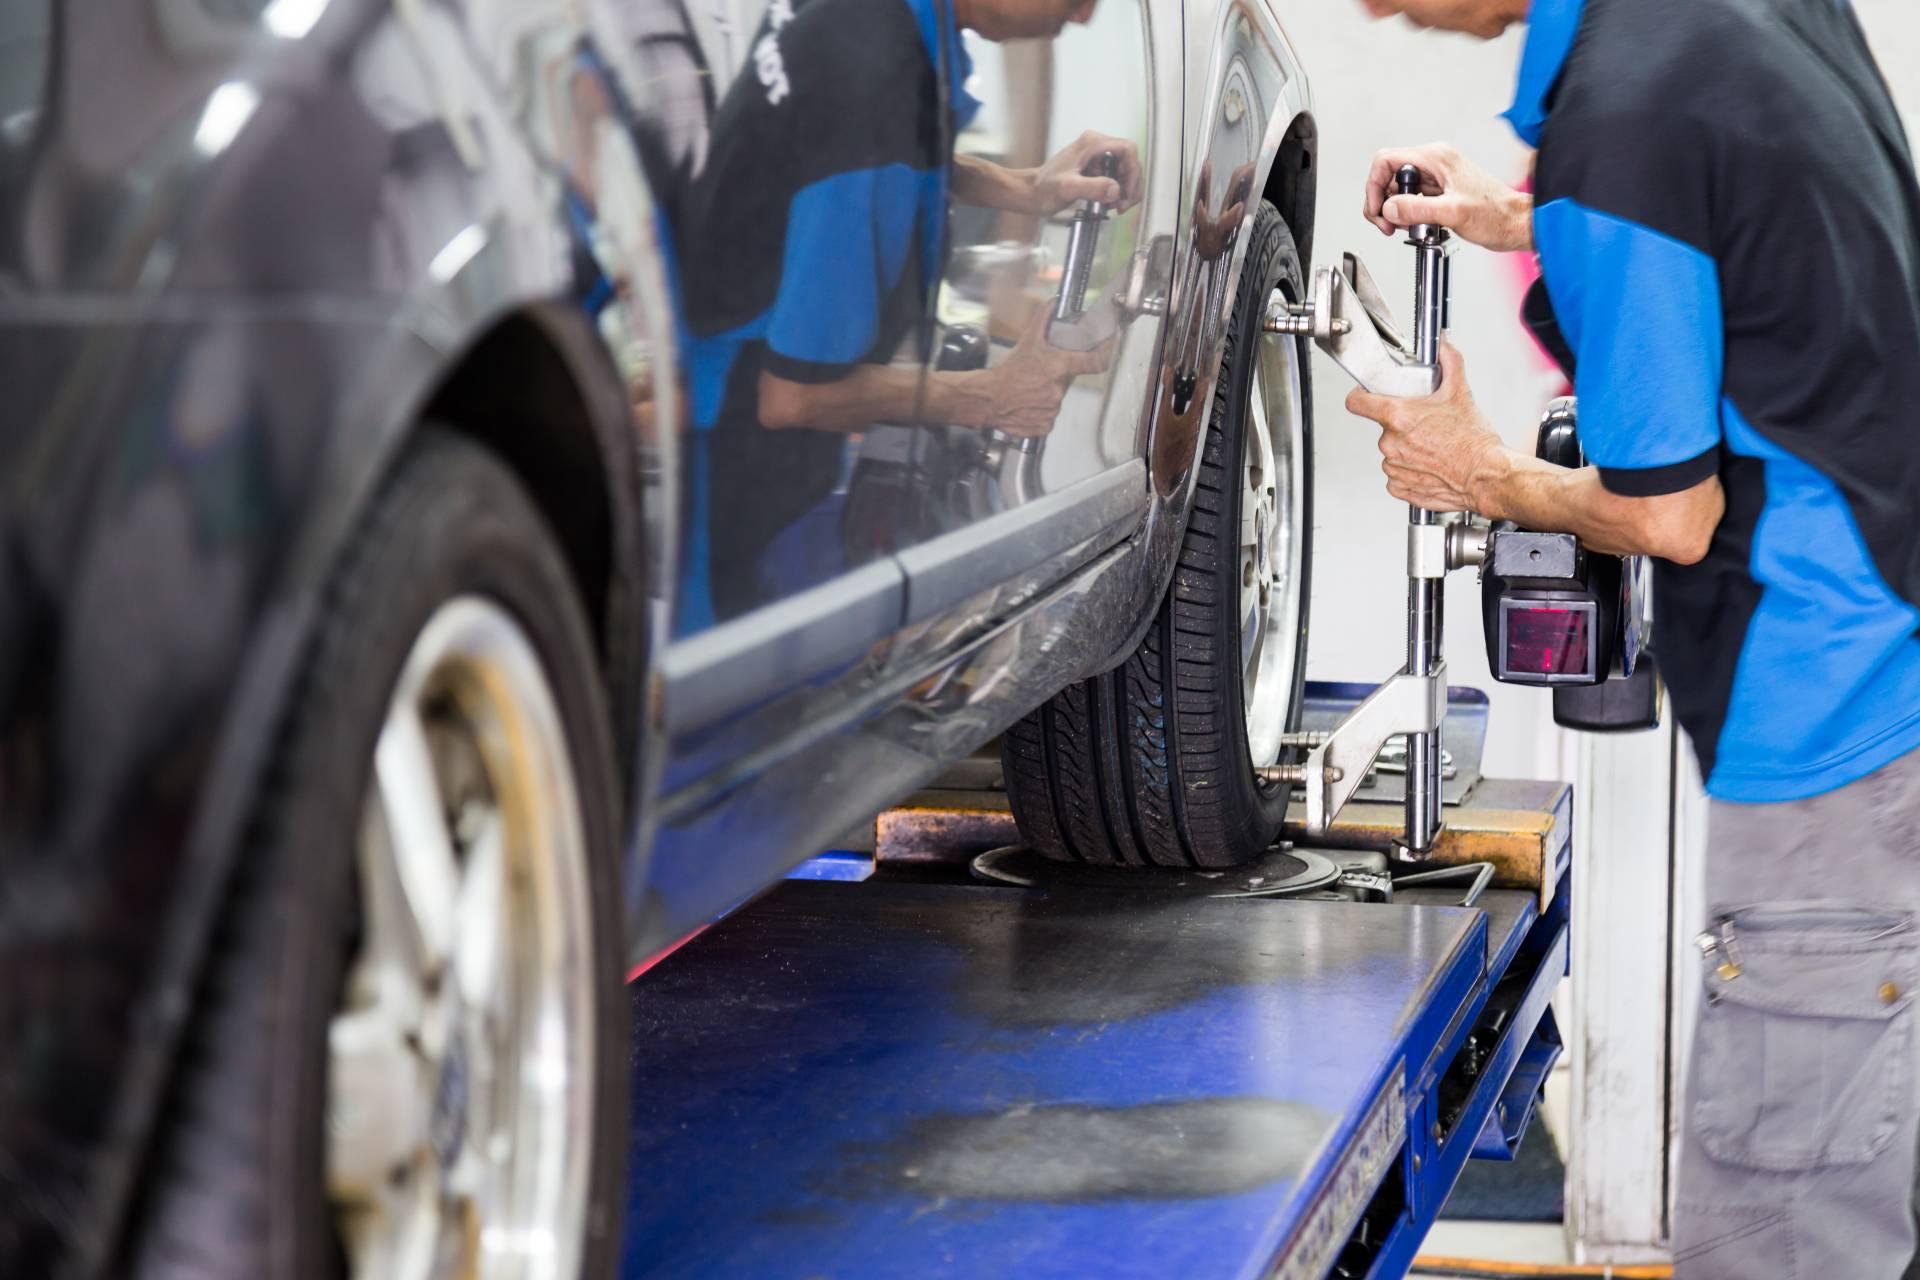 ¿Cuándo tengo que cambiar los neumáticos? - Mantenimiento del Coche